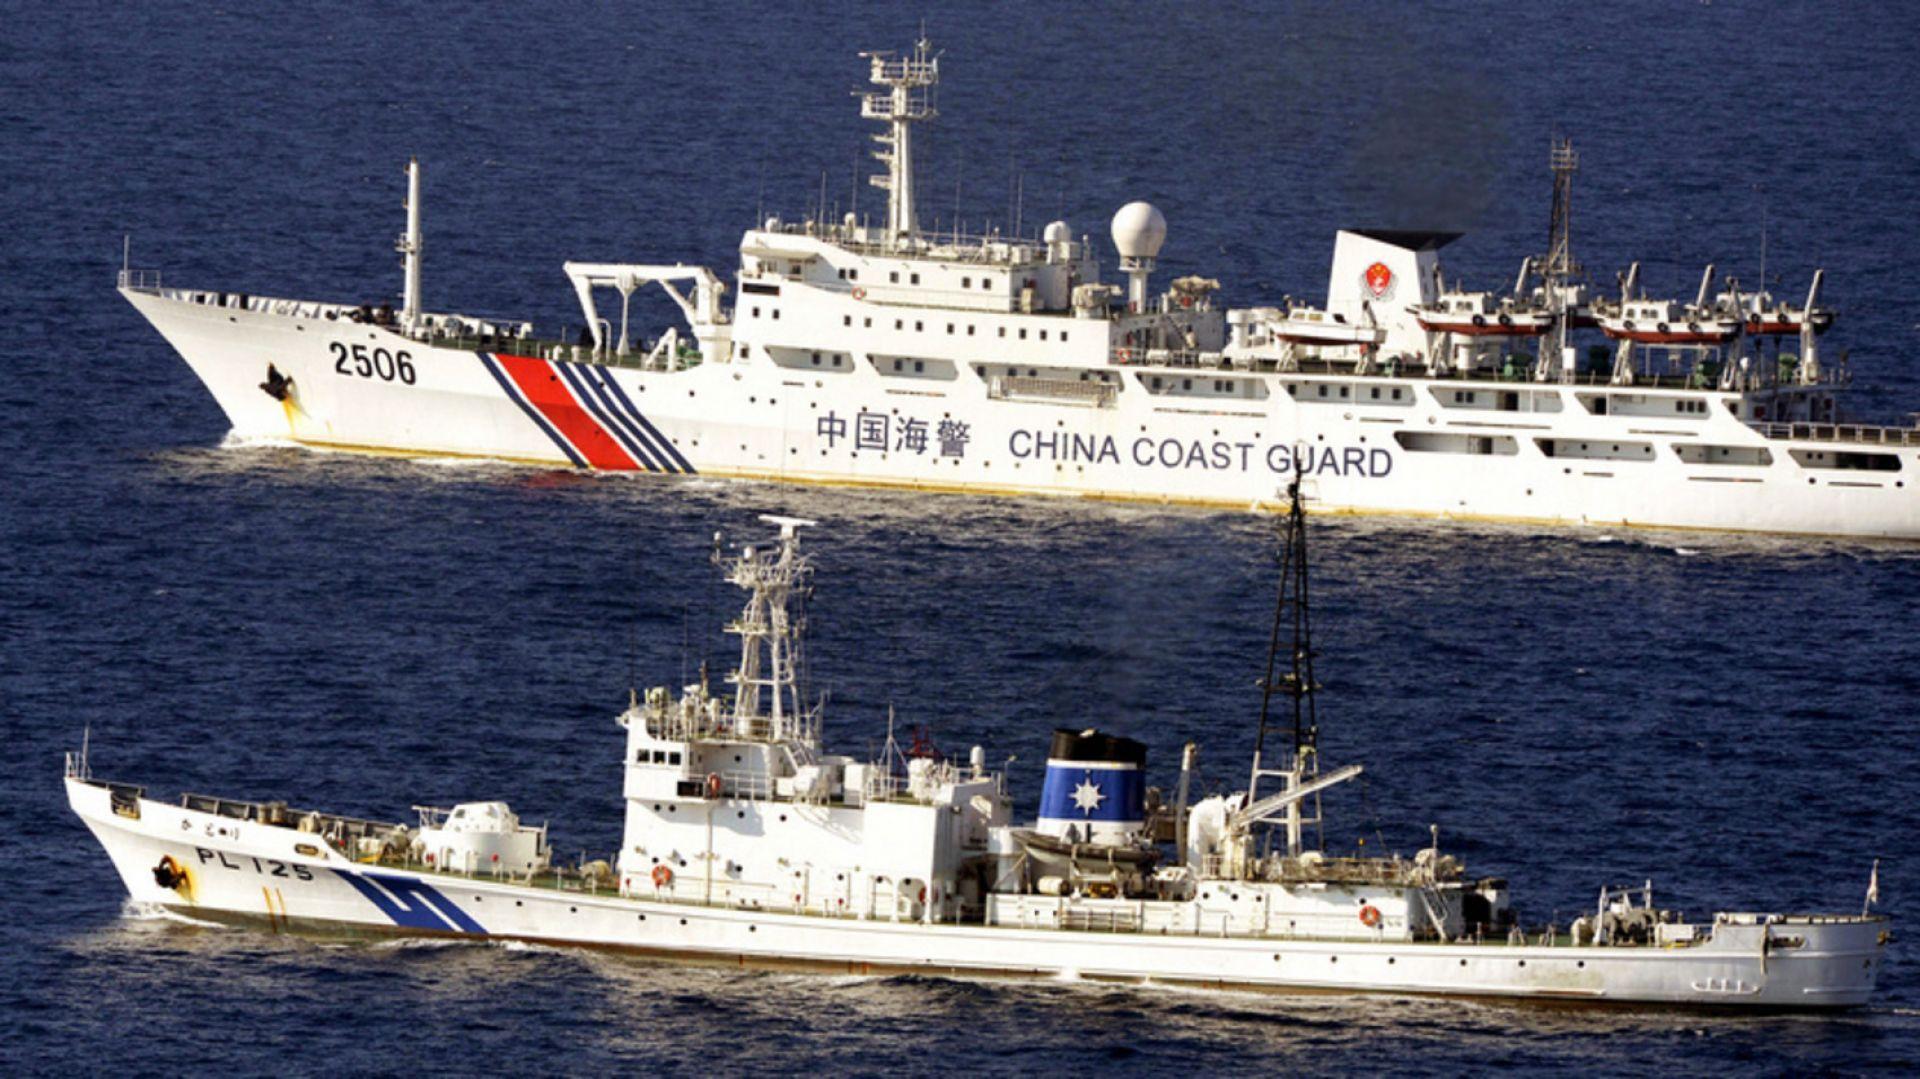 Tàu duyên phòng Hoa Kỳ có thể hiện diện thường trực ở Biển Đông